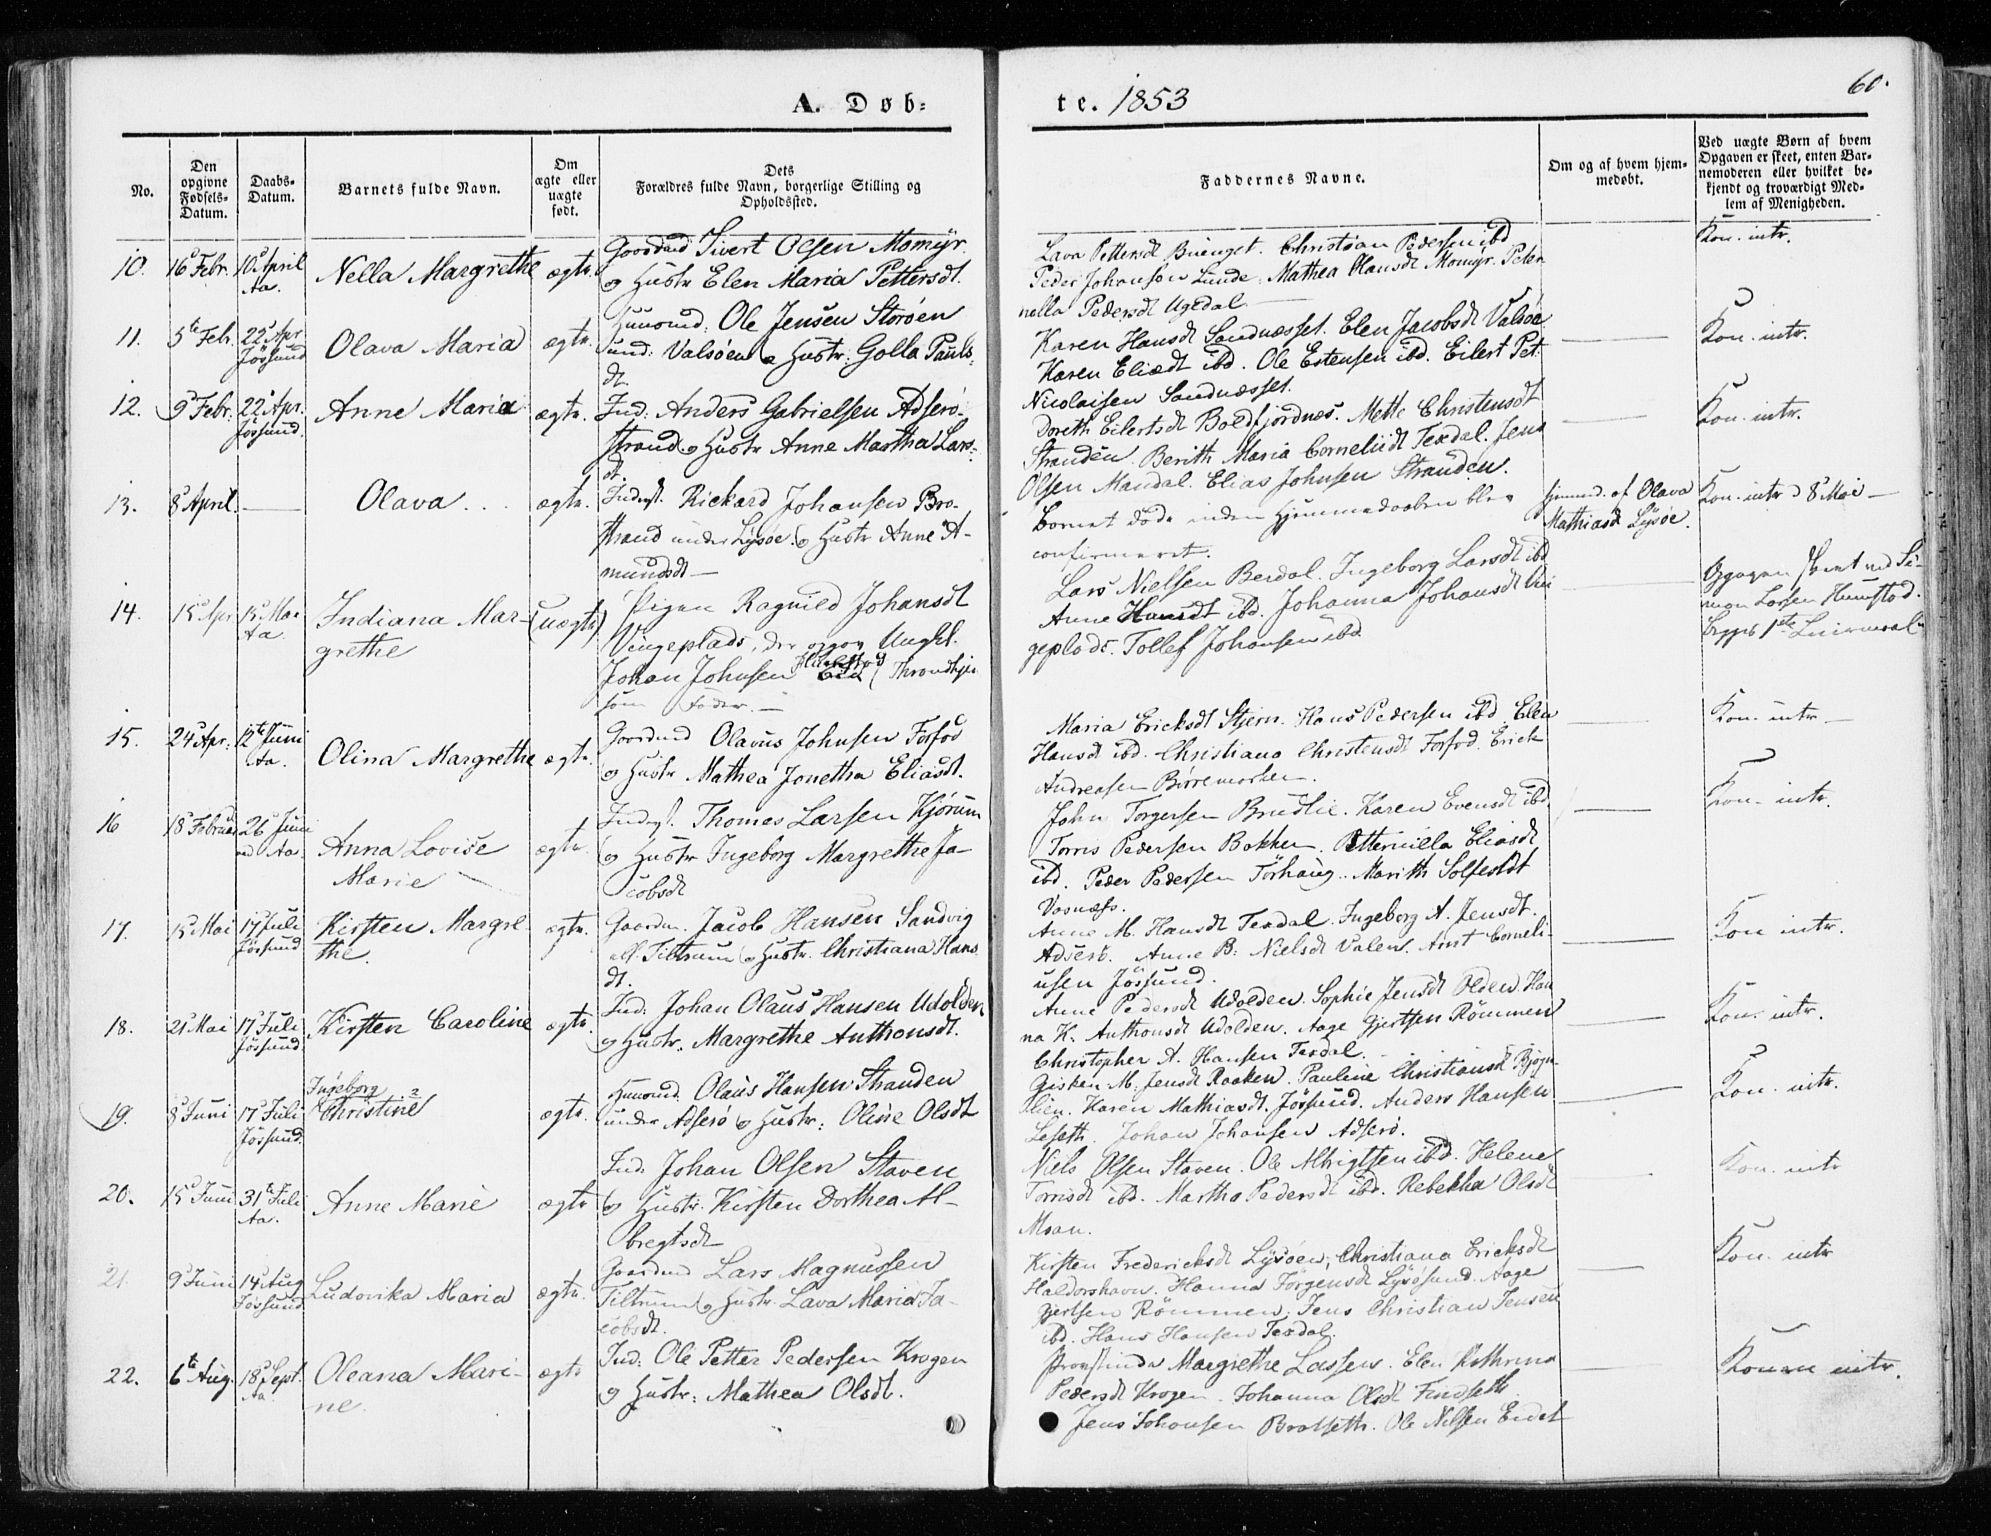 SAT, Ministerialprotokoller, klokkerbøker og fødselsregistre - Sør-Trøndelag, 655/L0677: Ministerialbok nr. 655A06, 1847-1860, s. 60